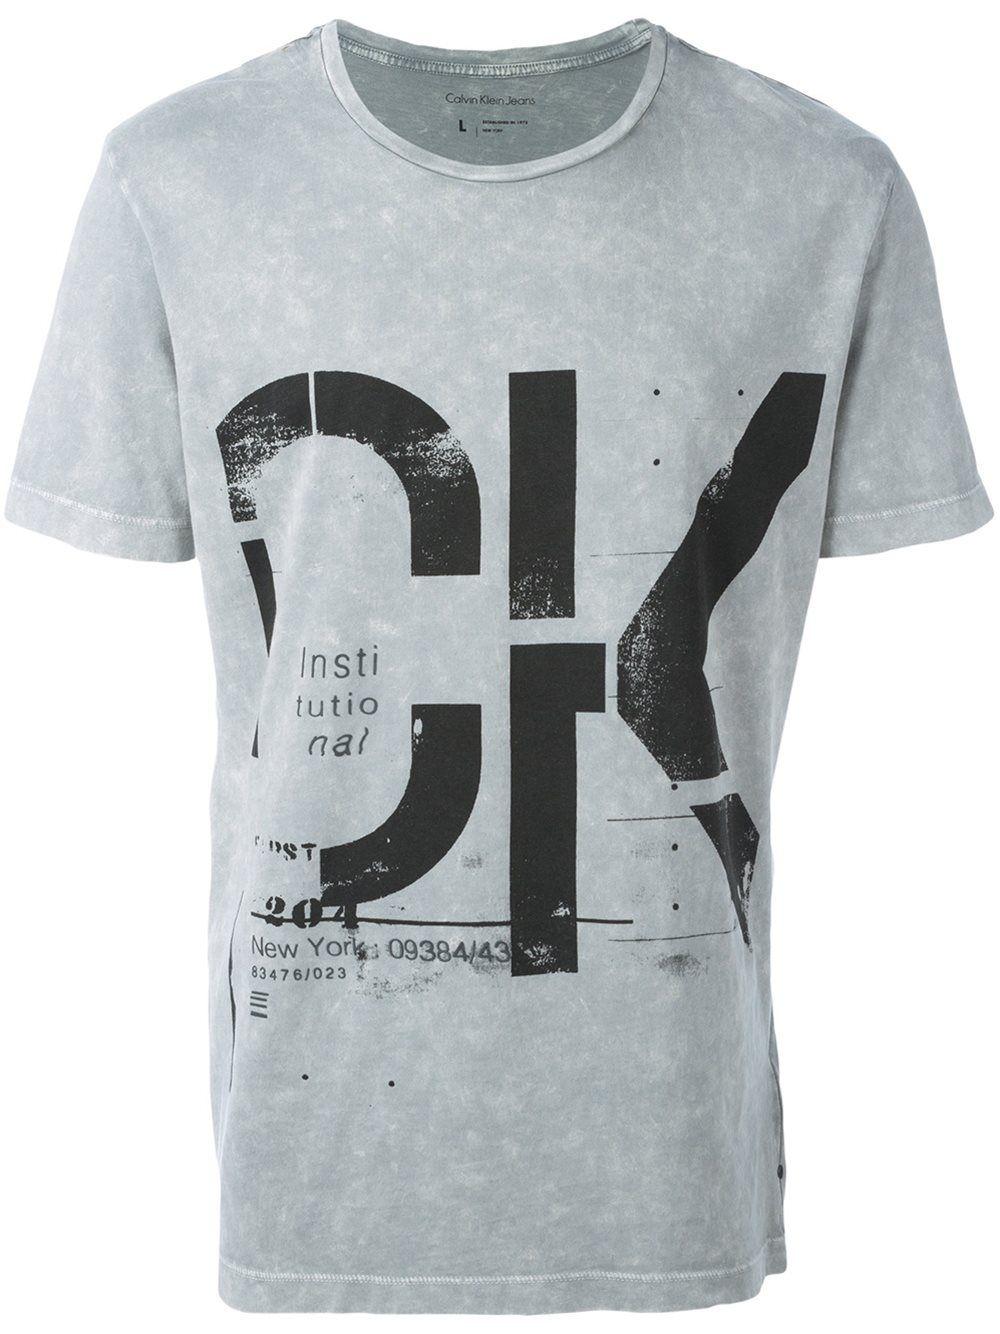 a052e76ae224f Calvin Klein Jeans camiseta con logo estampado